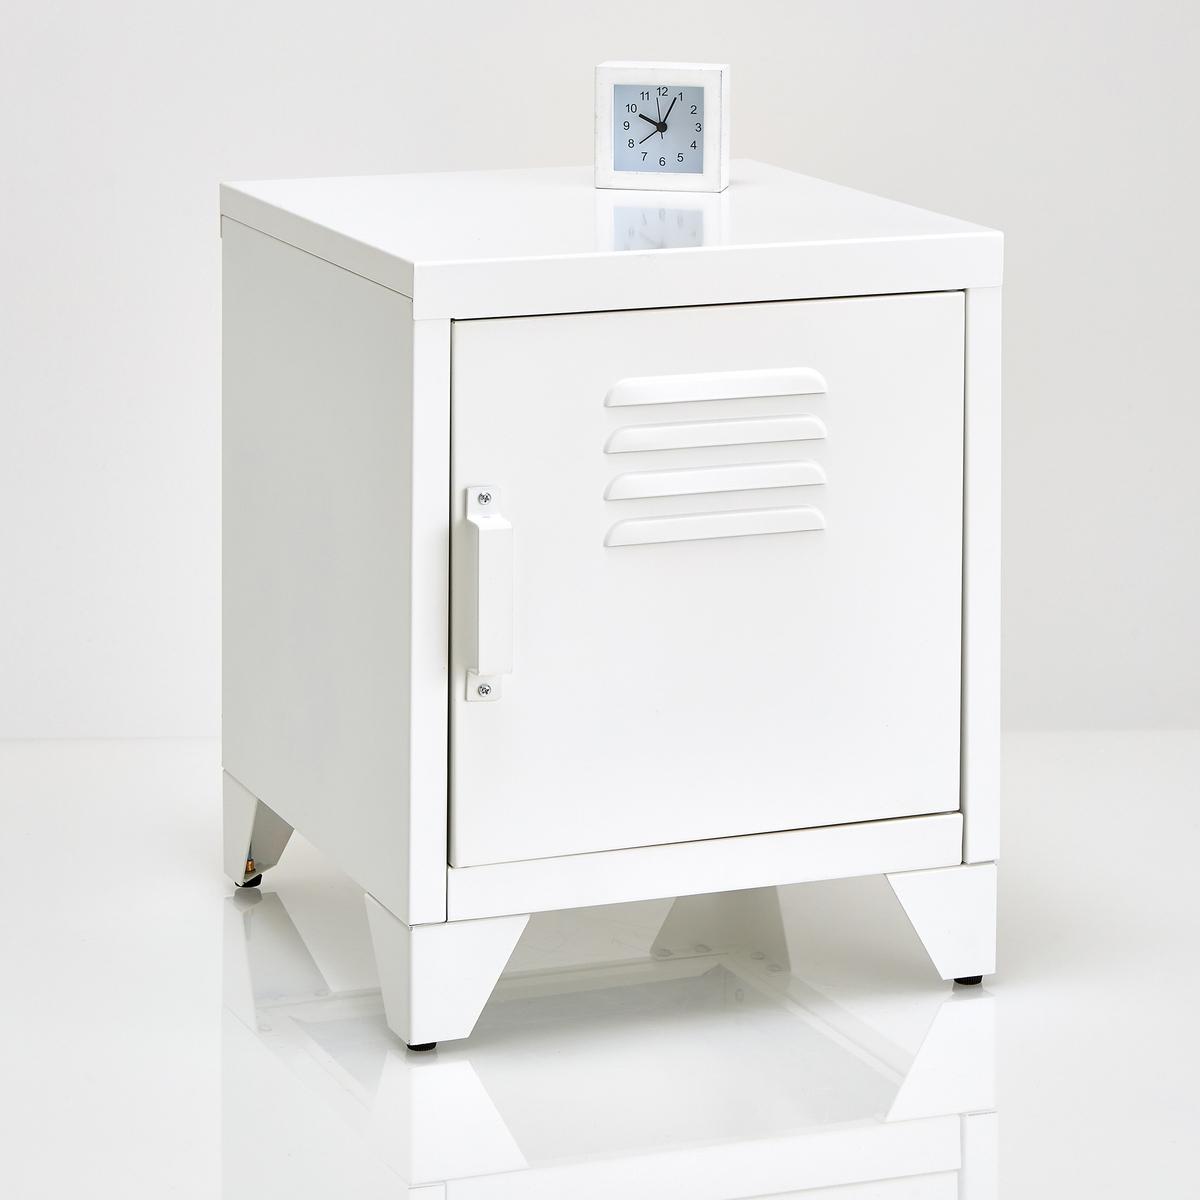 Тумба металлическая  HibaМеталлическая тумба с 1 дверцей  Hiba. Тумба Hiba - вспомогательная мебель, представленная в разной цветовой гамме, в индустриальном стиле . Описание металлической тумбы Hiba :1 дверца.1 съемная полка внутри .Характеристики :Металл с эпоксидным покрытием.Всю коллекцию Hiba вы можете найти на сайте laredoute.ru.Размеры :Общие размеры :Ширина : 40 смВысота : 50 см.Глубина : 40 смНастенная полка : 35,6 x 39,7 смНожки : Выс 8,5 смРазмеры и вес упаковки :1 упаковка49 x 23 x 46,5 см9,7 кг Доставка:Поставляется в разобранном виде.  !Возможна доставка до двери при предварительной договоренности. Внимание!  Убедитесь, что товар возможно доставить, учитывая его габариты  (проходит в дверные проемы, лифты, по лестницам).<br><br>Цвет: антрацит,белый<br>Размер: единый размер